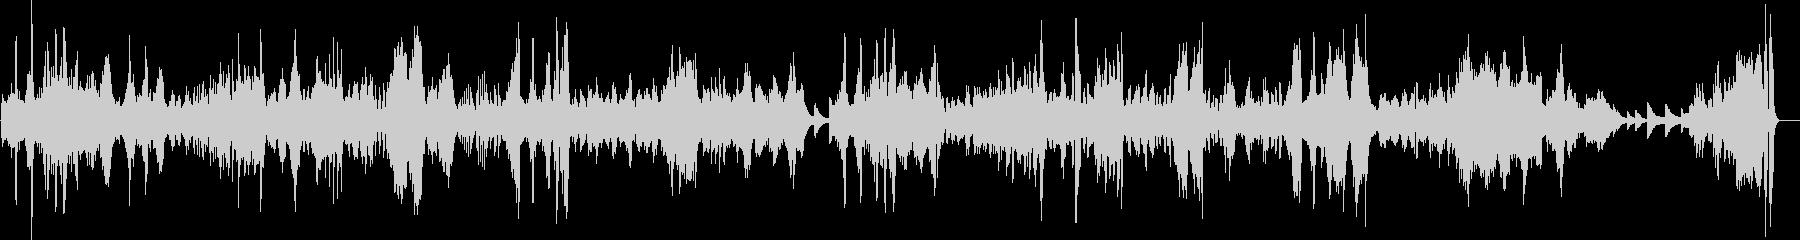 ベードベン 月光 第三楽章 ピアノの未再生の波形